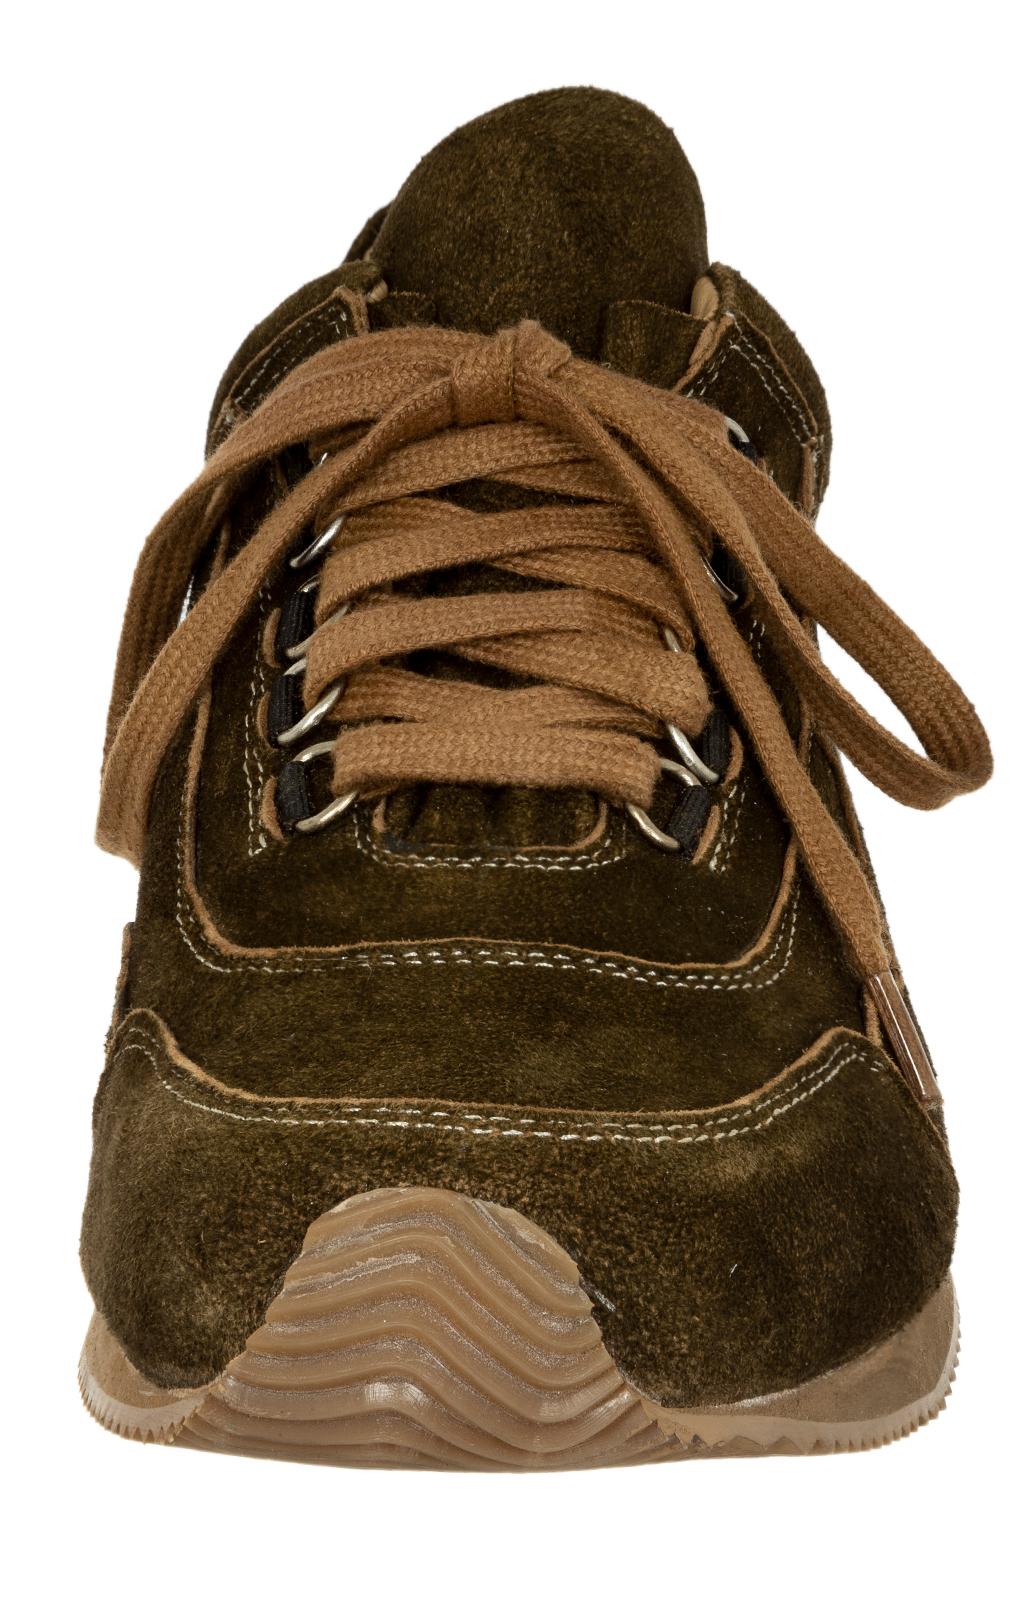 weitere Bilder von Schuh FESTUS ZV moor